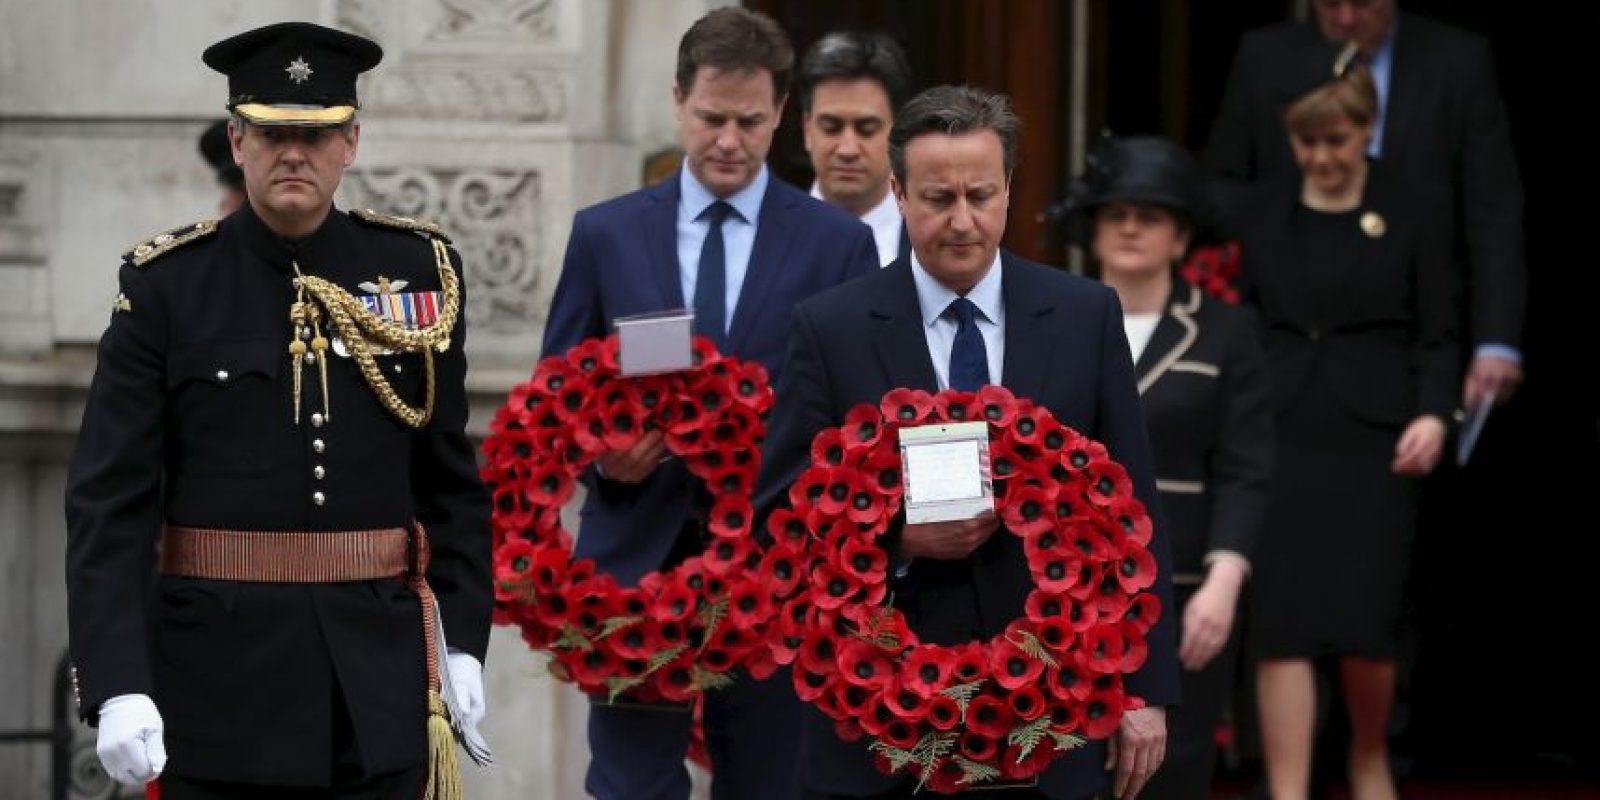 El ganador de las elecciones de Reino Unido, David Cameron, asistió a las celebraciones en Londres. Foto:Getty Images